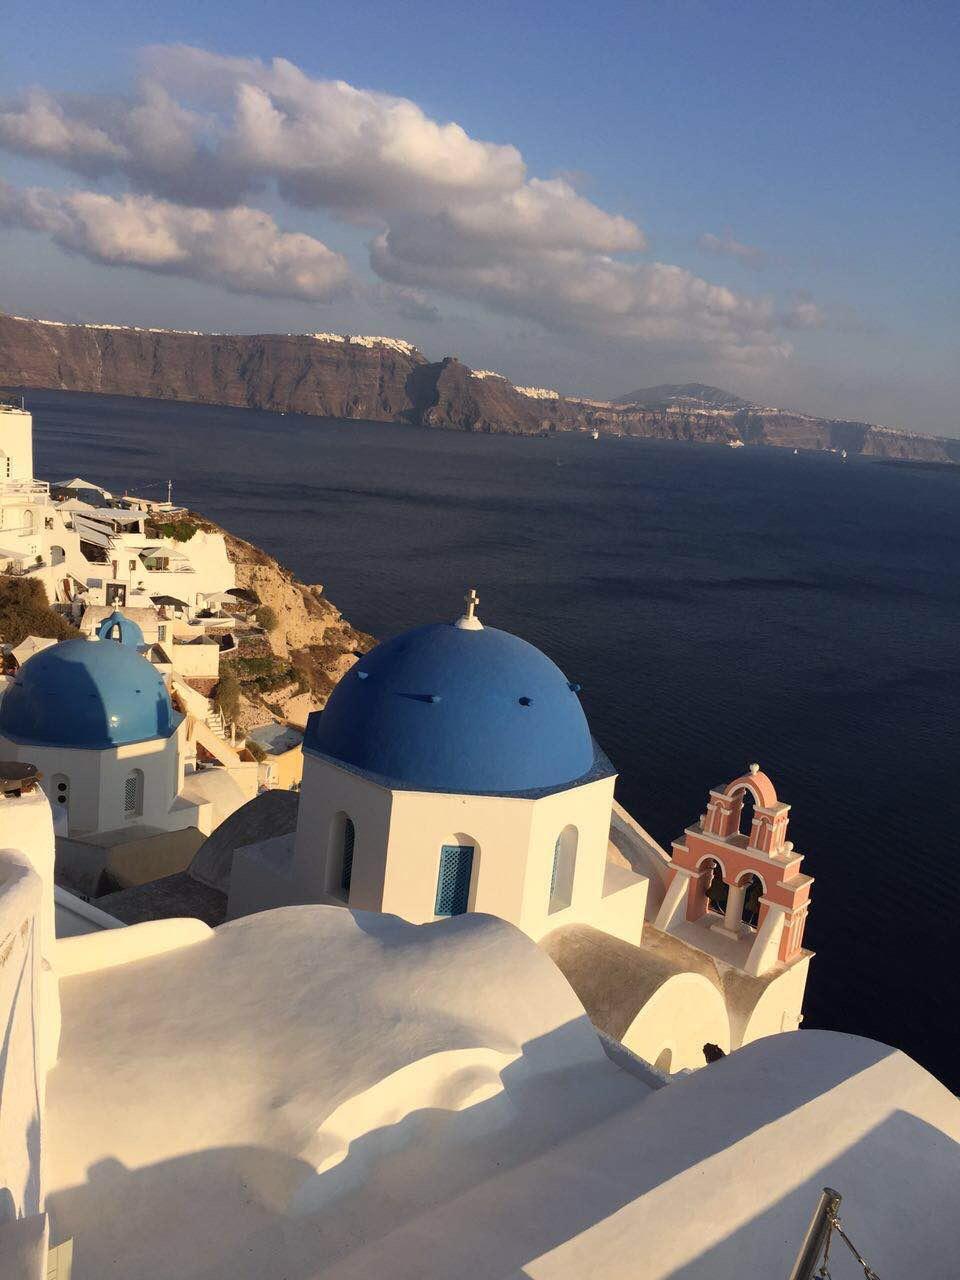 海边悬崖上的一排排白房子 在蓝天映衬下 特别的美